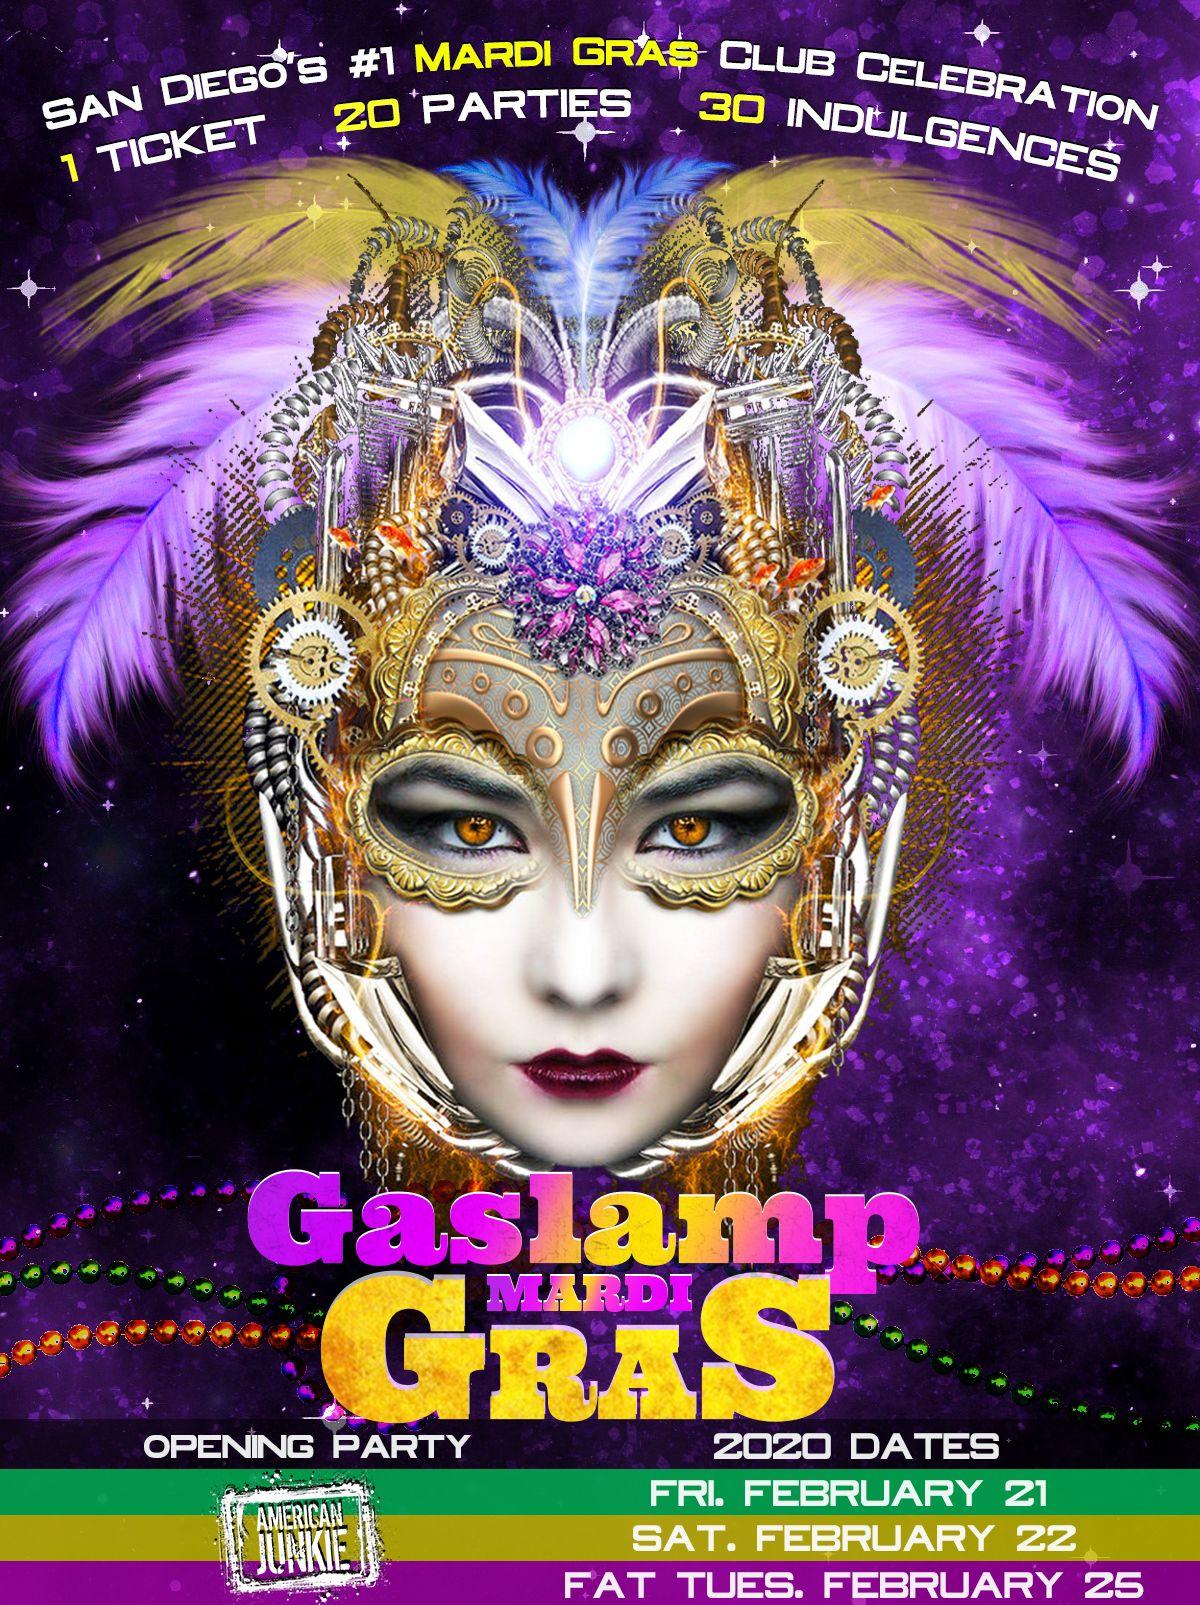 Gaslamp Mardi Gras